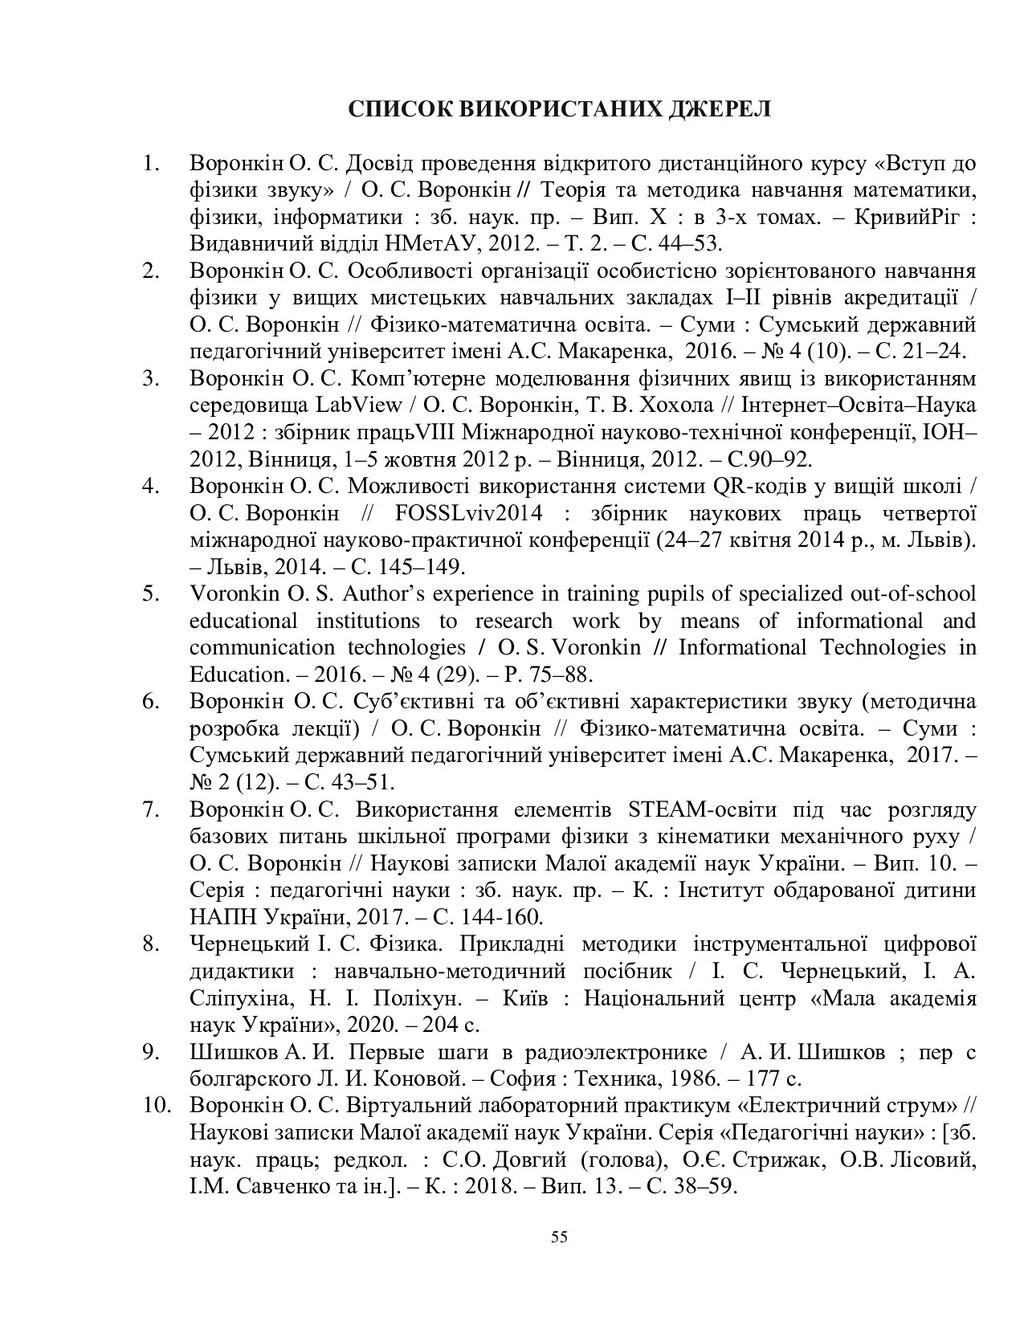 55 CПИСОК ВИКОРИСТАНИХ ДЖЕРЕЛ 1. Воронкін О. С....